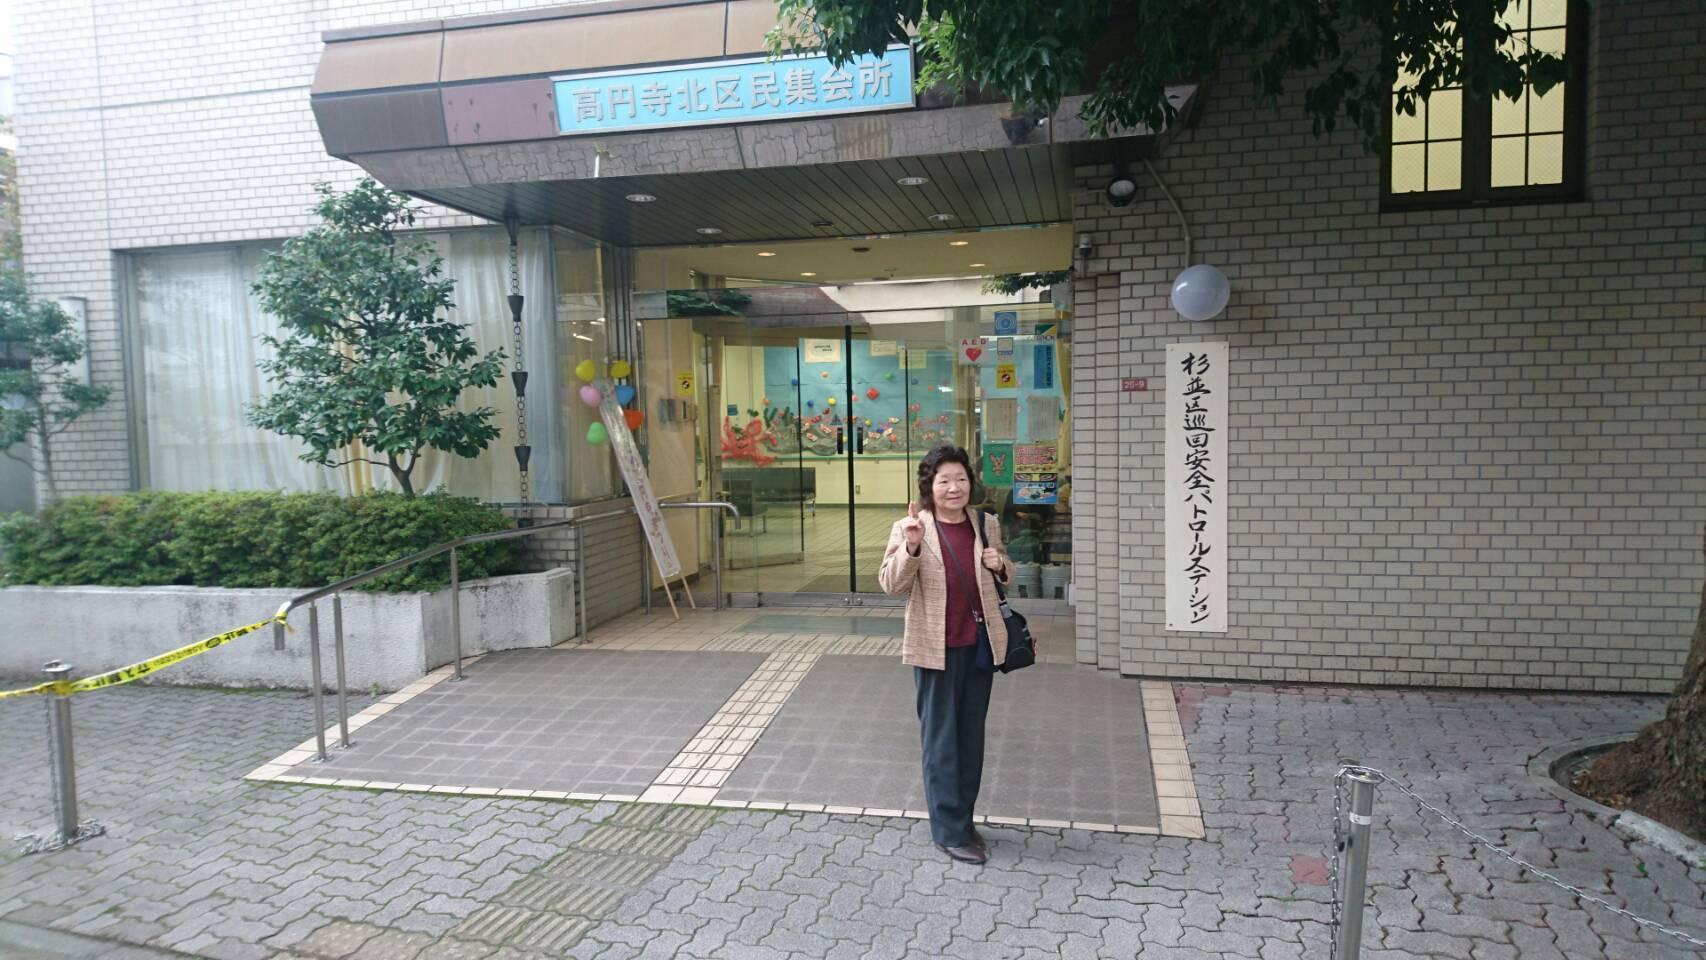 10月28日 高円寺フェス遠隔レポート_e0318040_15155769.jpg